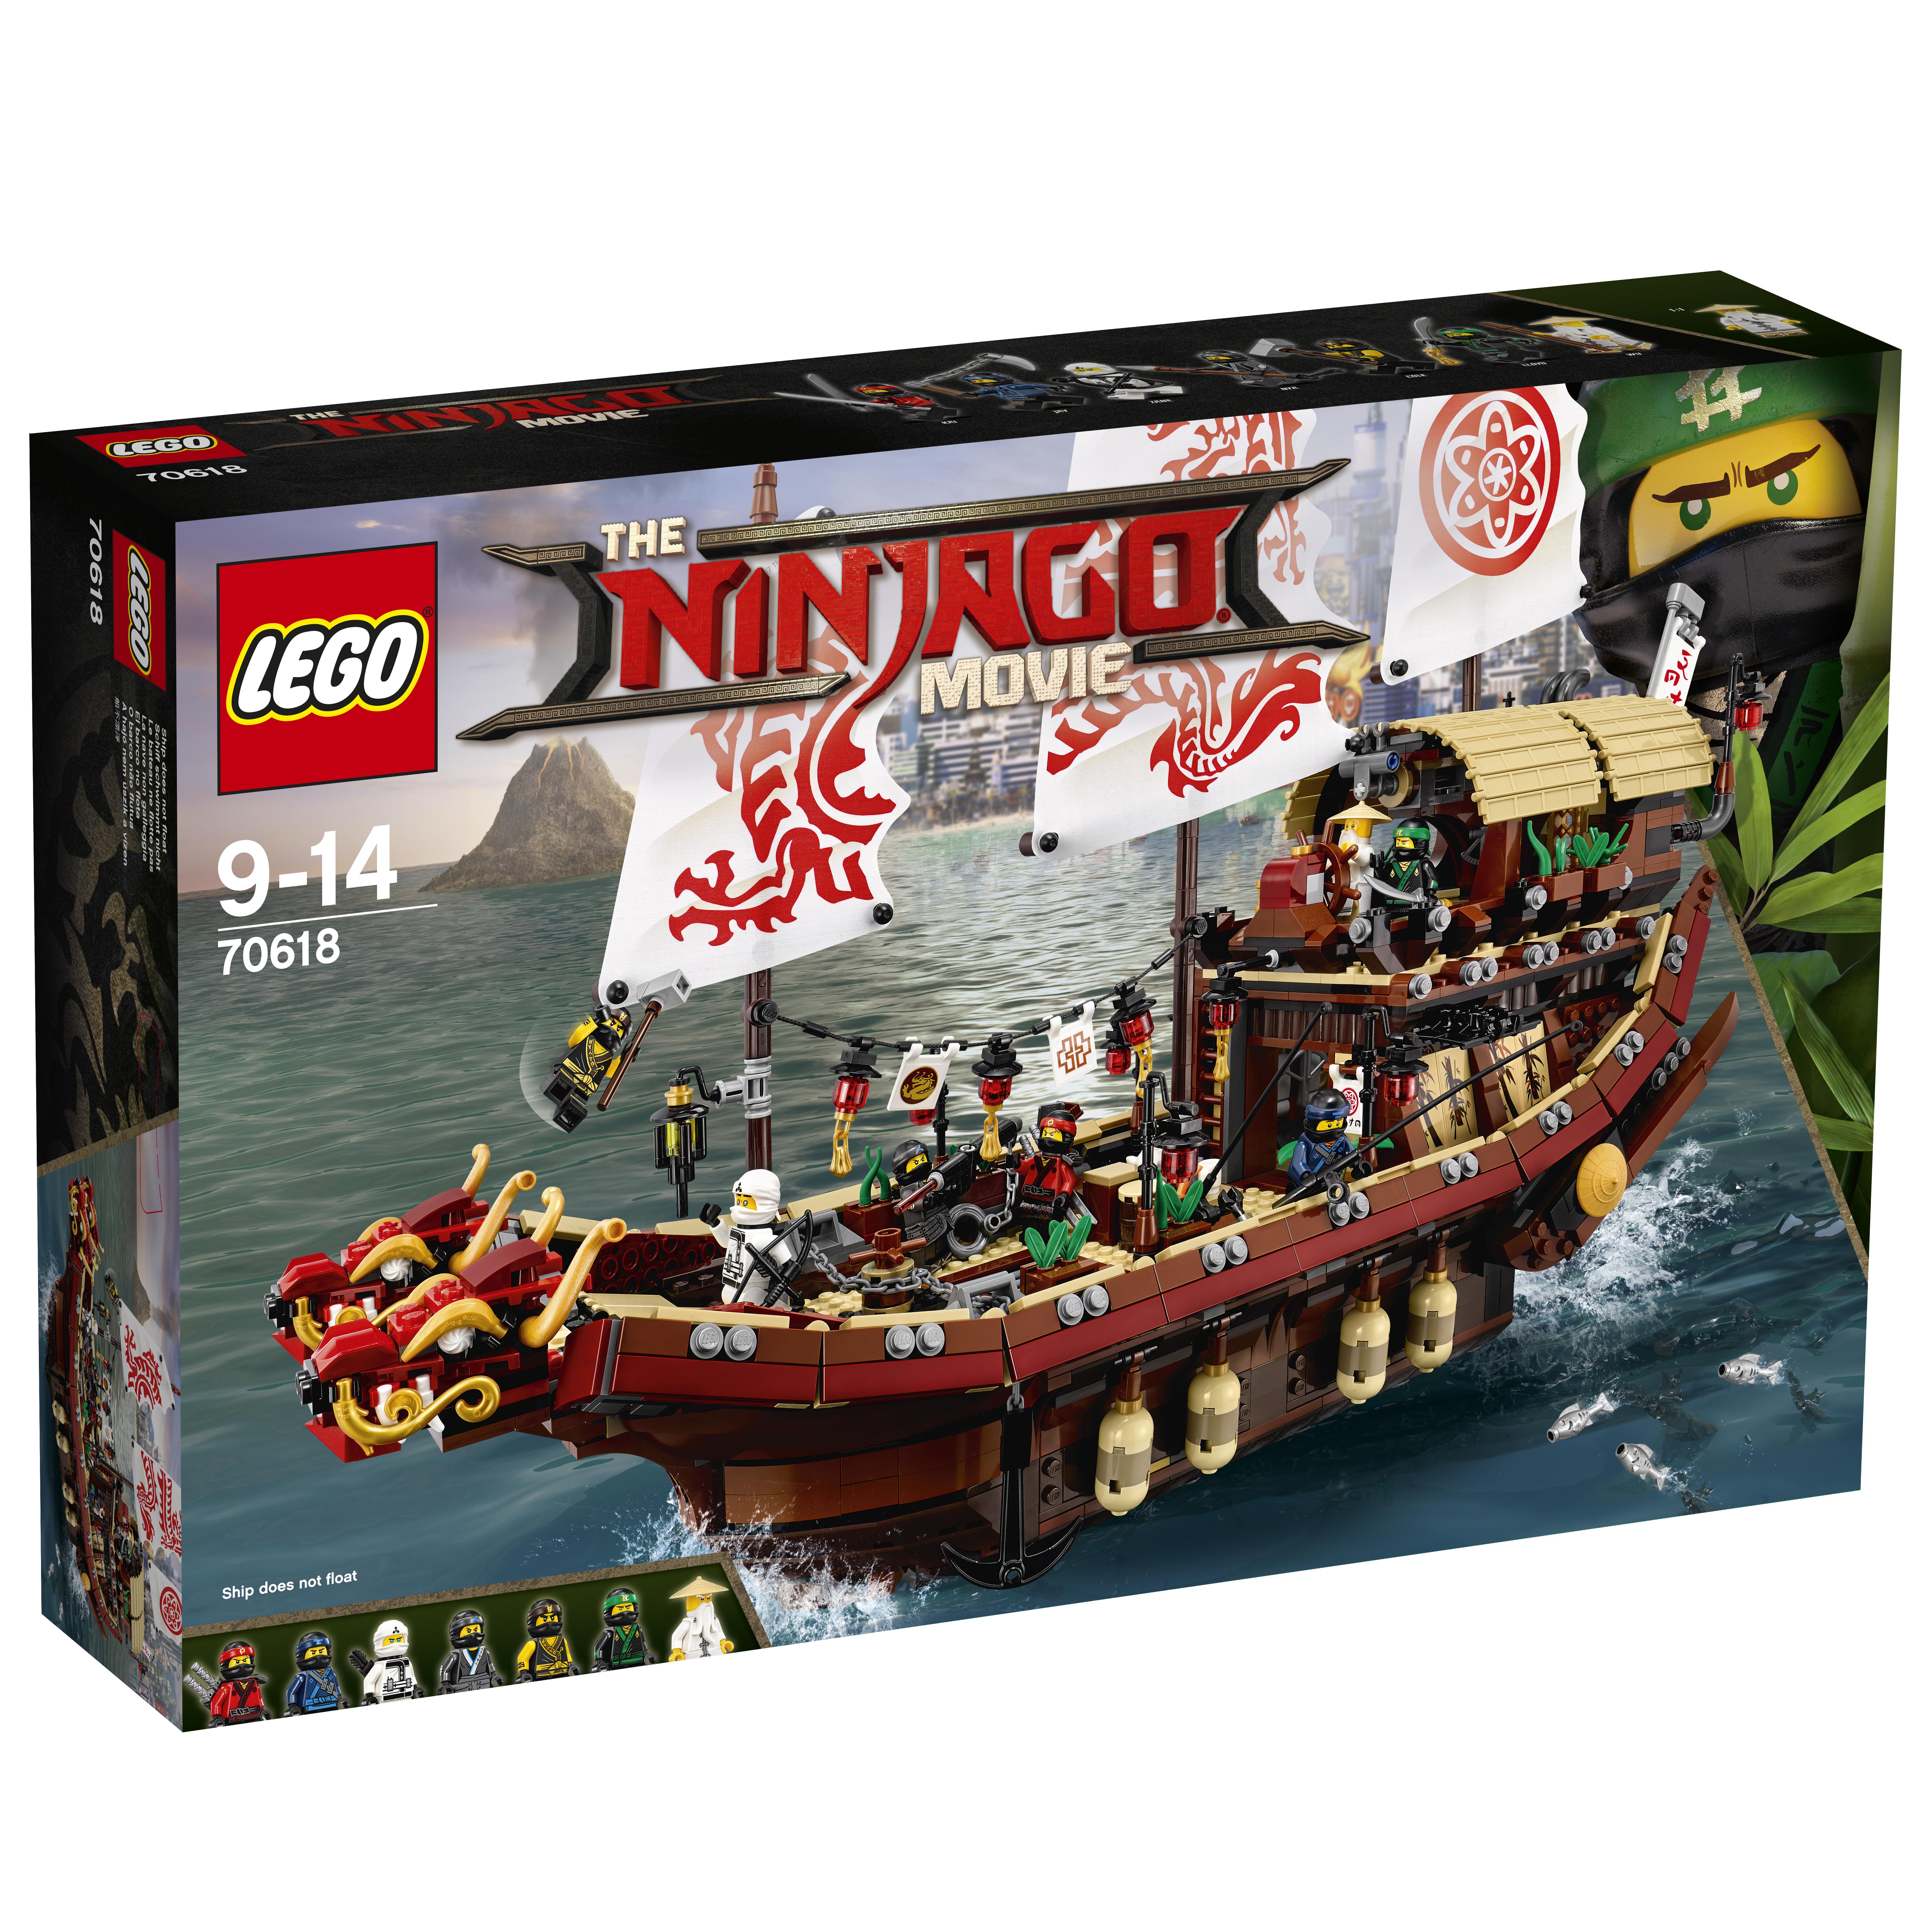 Конструктор LEGO LEGO Ninjago 70618 Летающий корабль Мастера Ву констр р lego ninjago битва гармадона и мастера ву